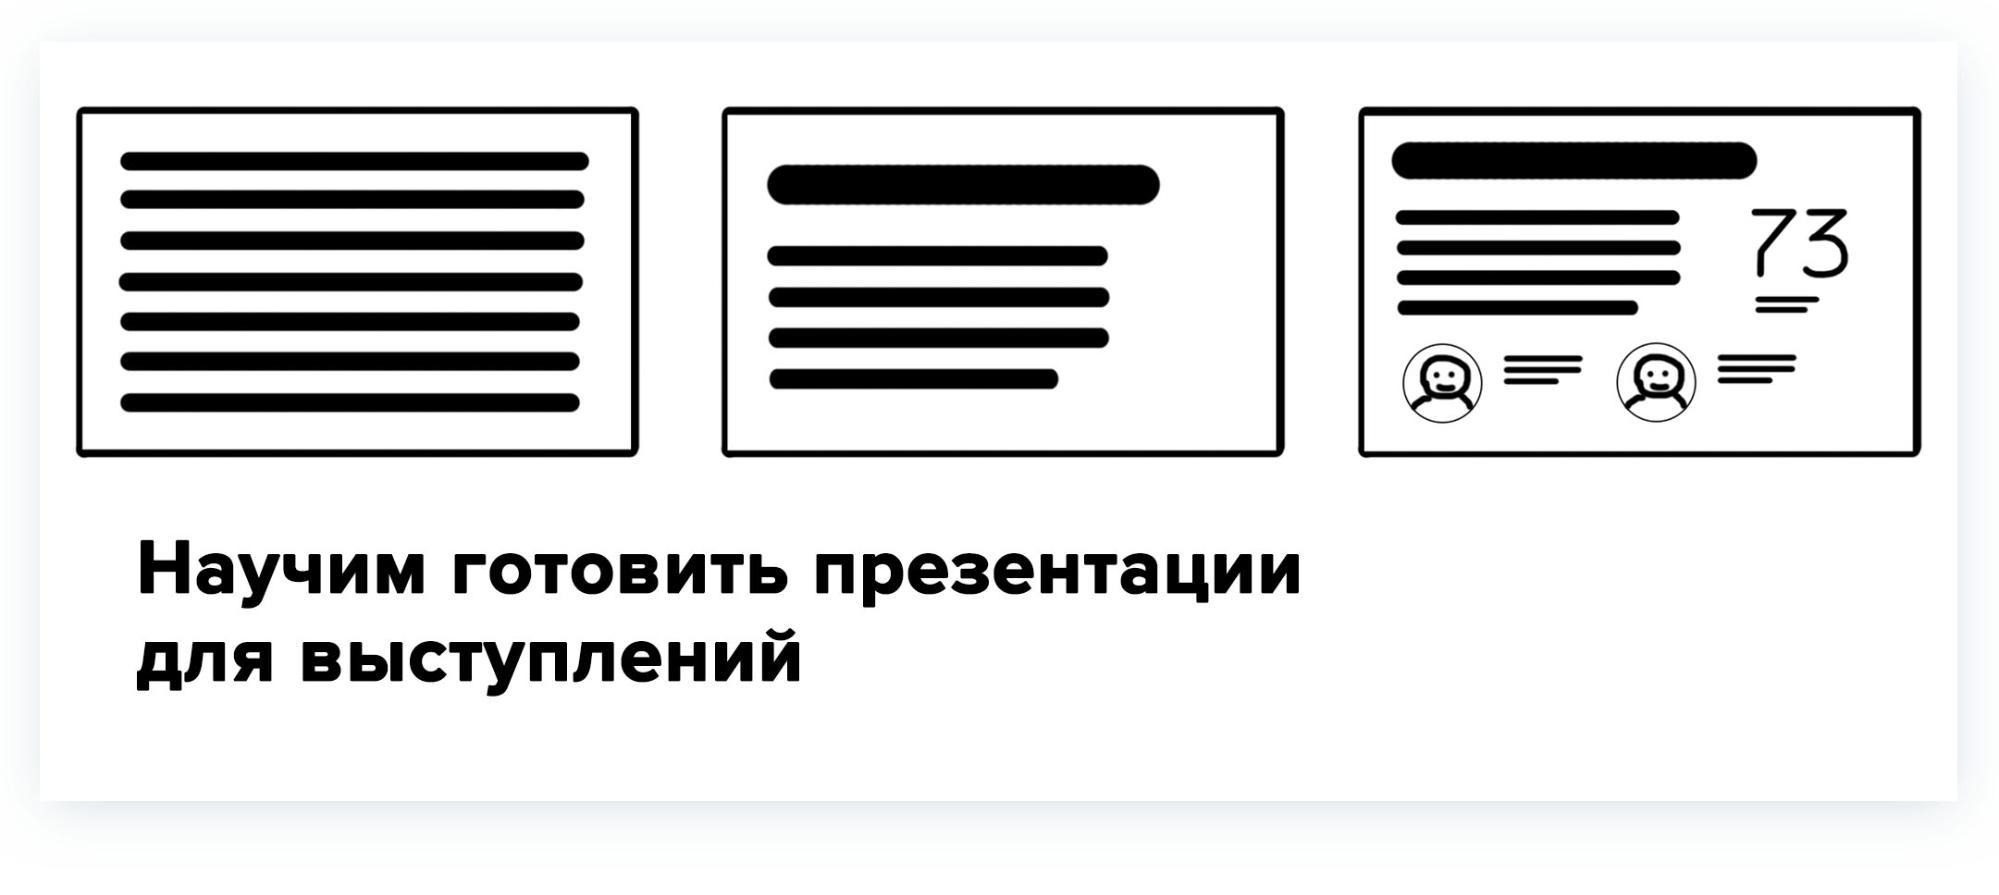 Как вызвать доверие на сайте – главная иллюстрация на первом экране